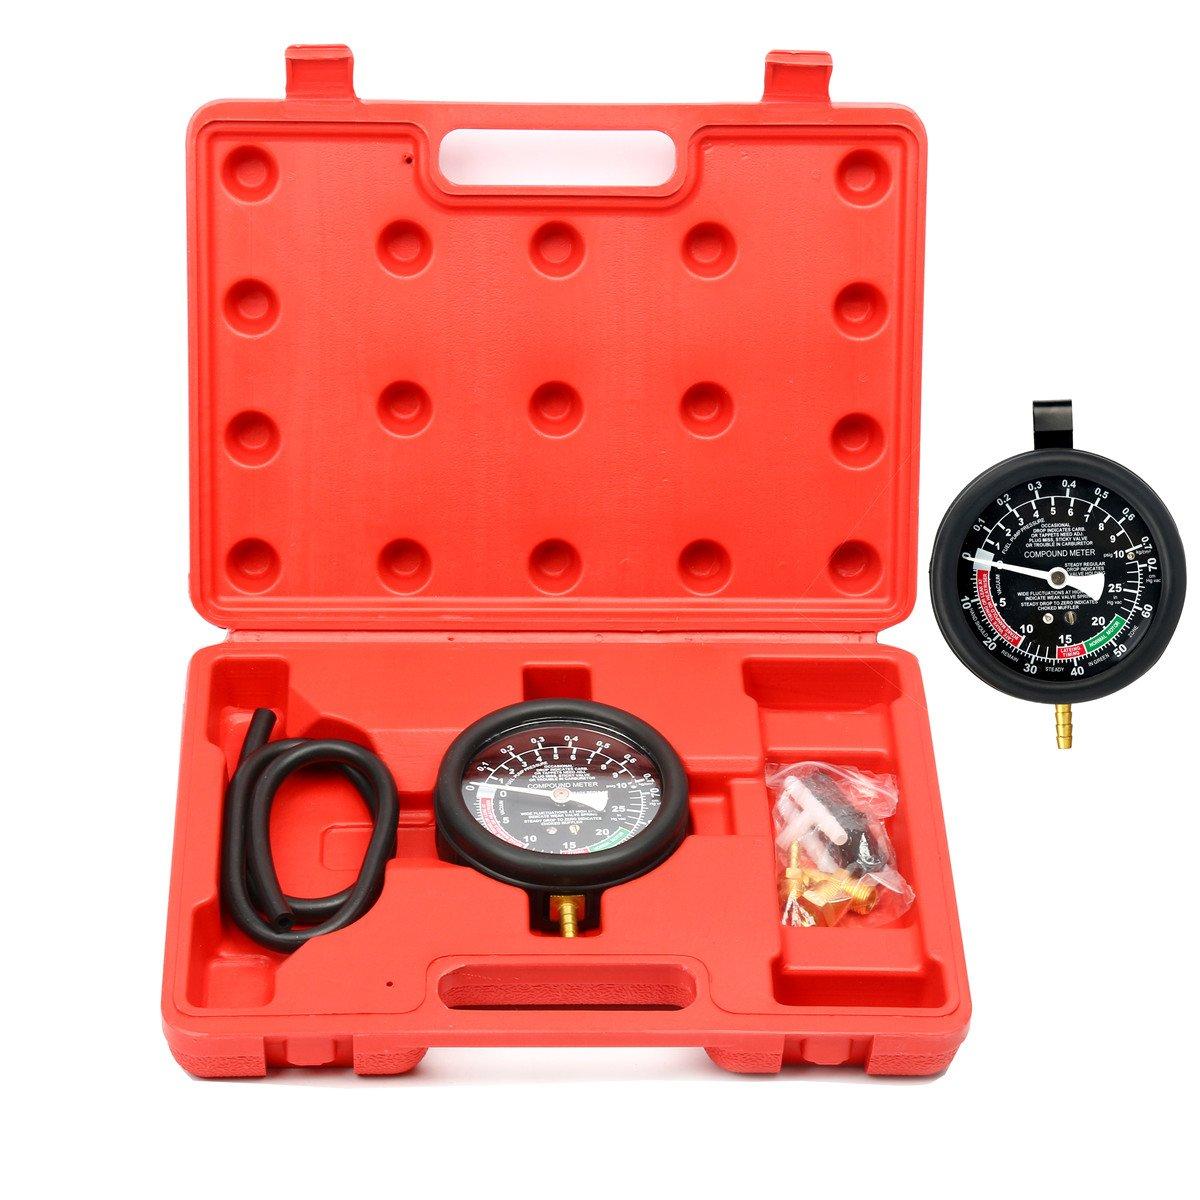 FreeTec - Kit manometro per misurare la pressione della pompa del carburante e del carburatore freebirdtrading